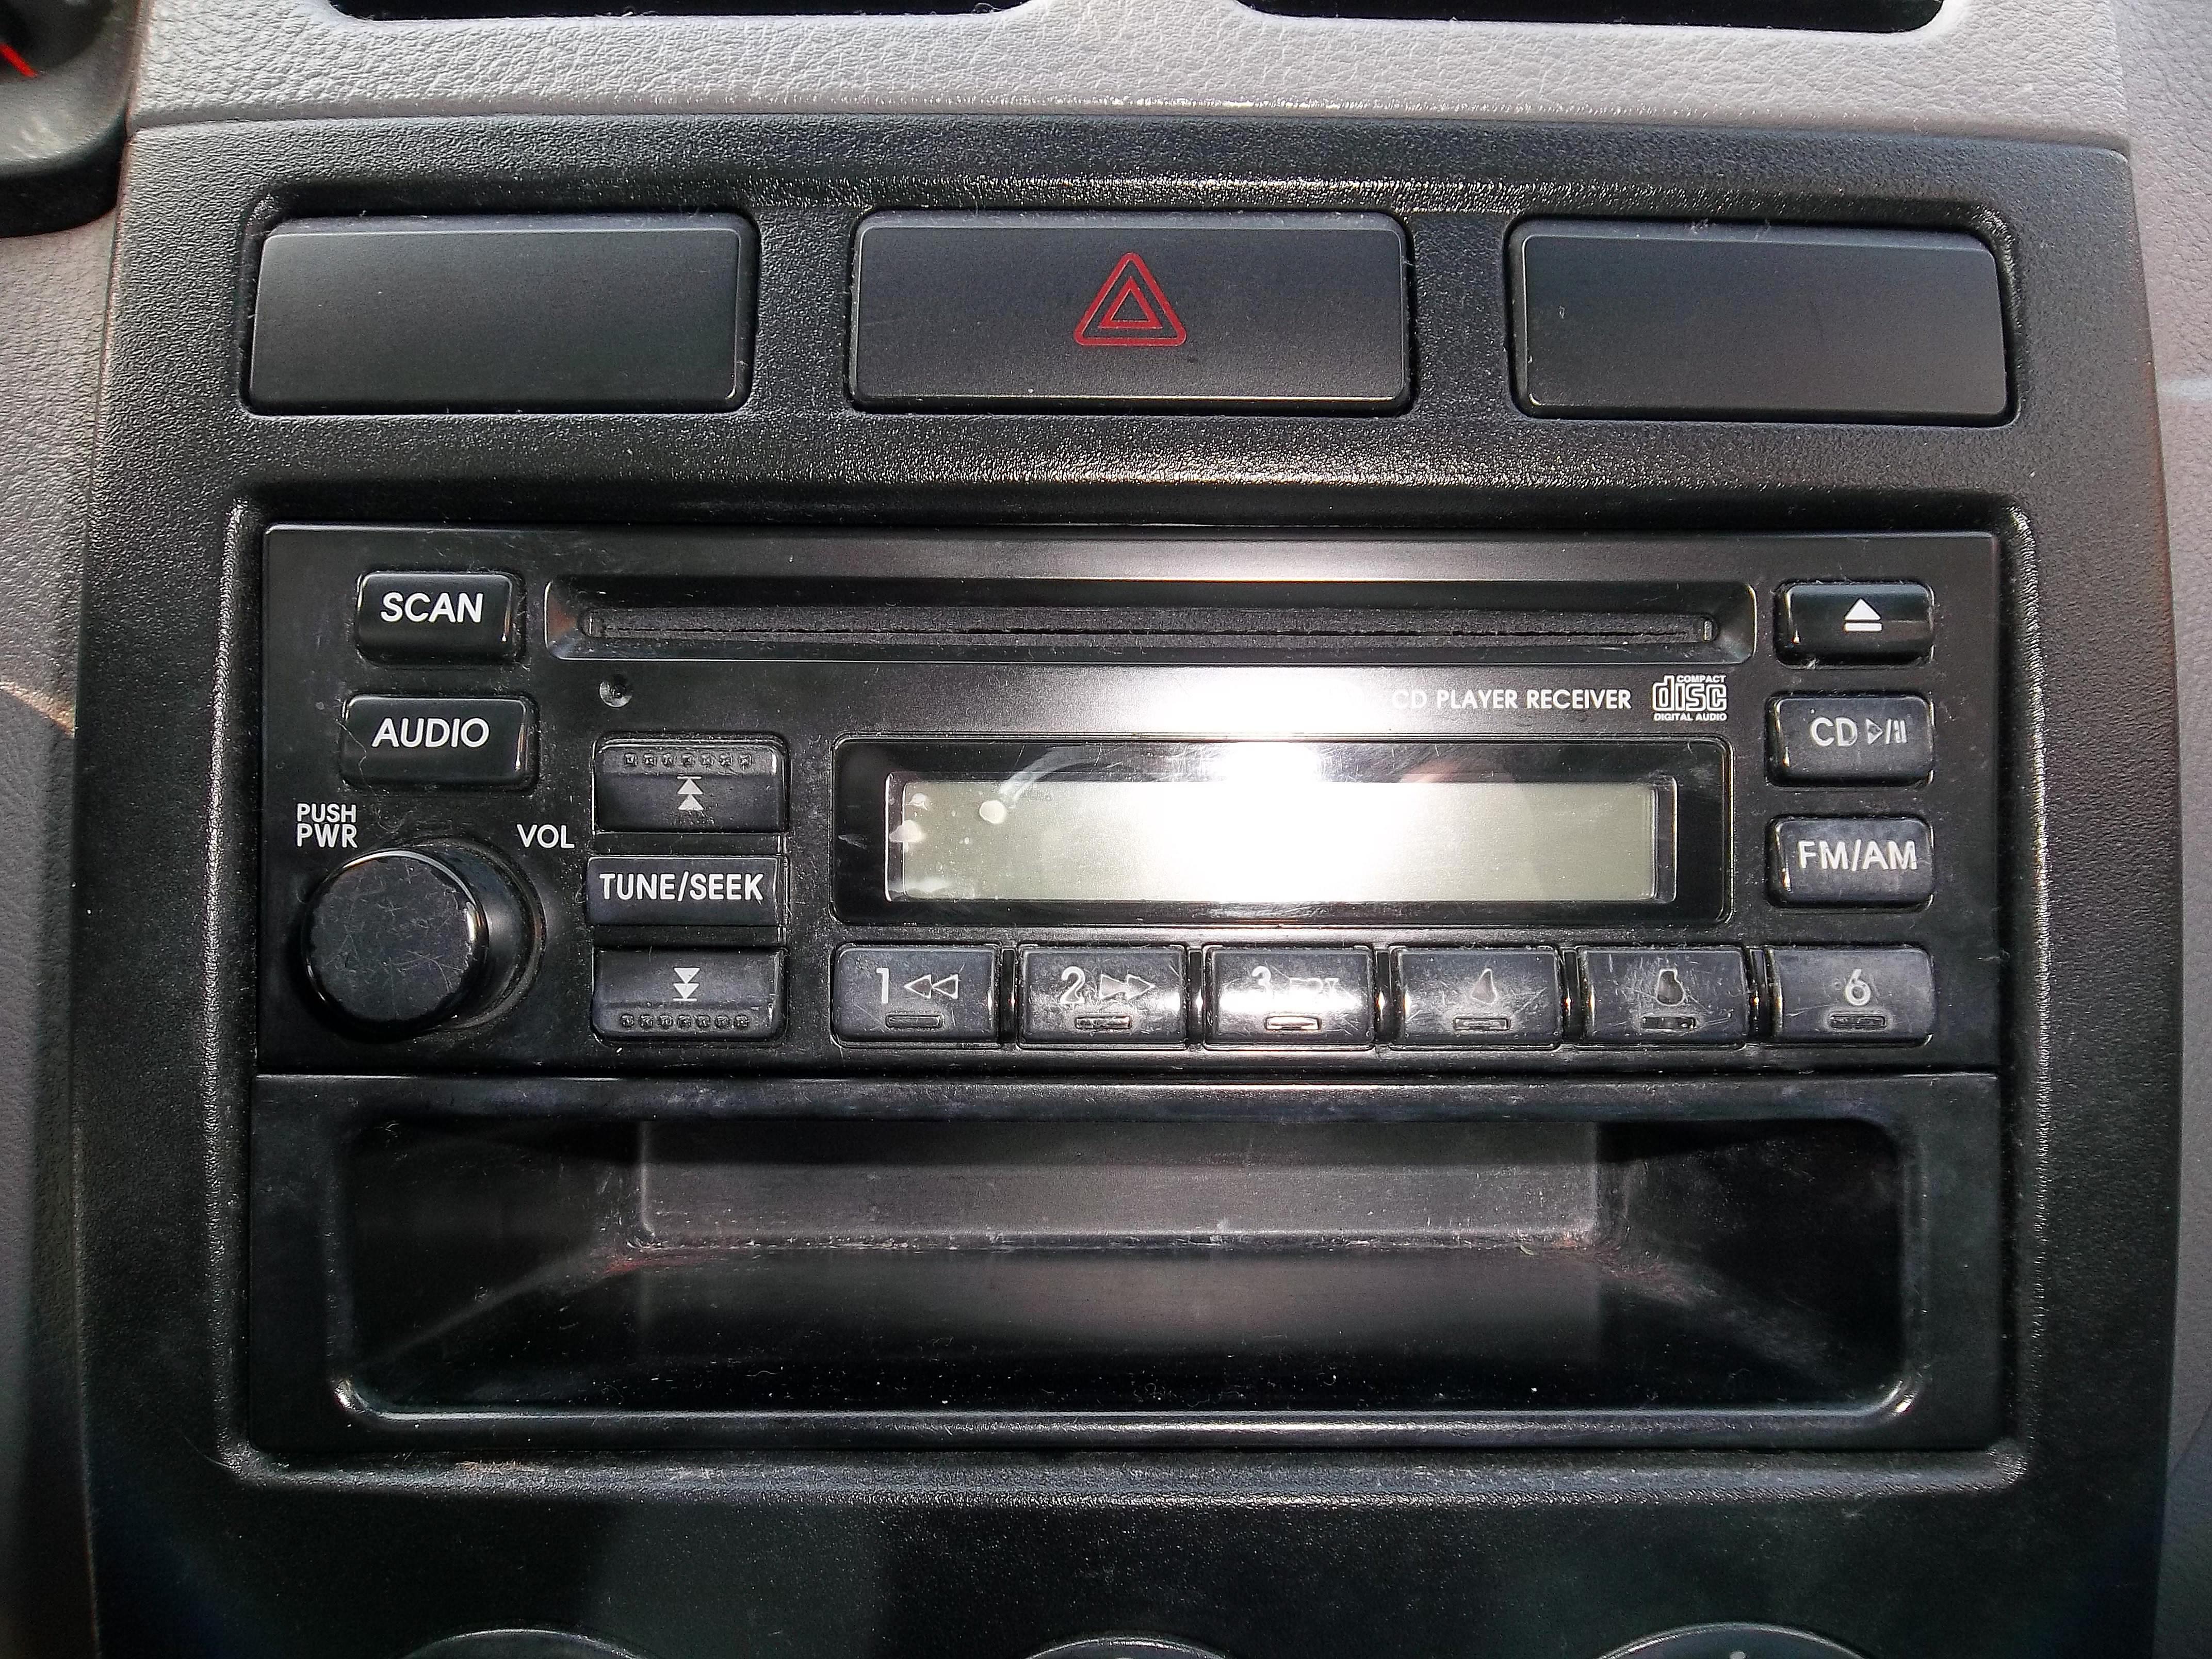 Kia Rio Dash And Stereo Head Unit